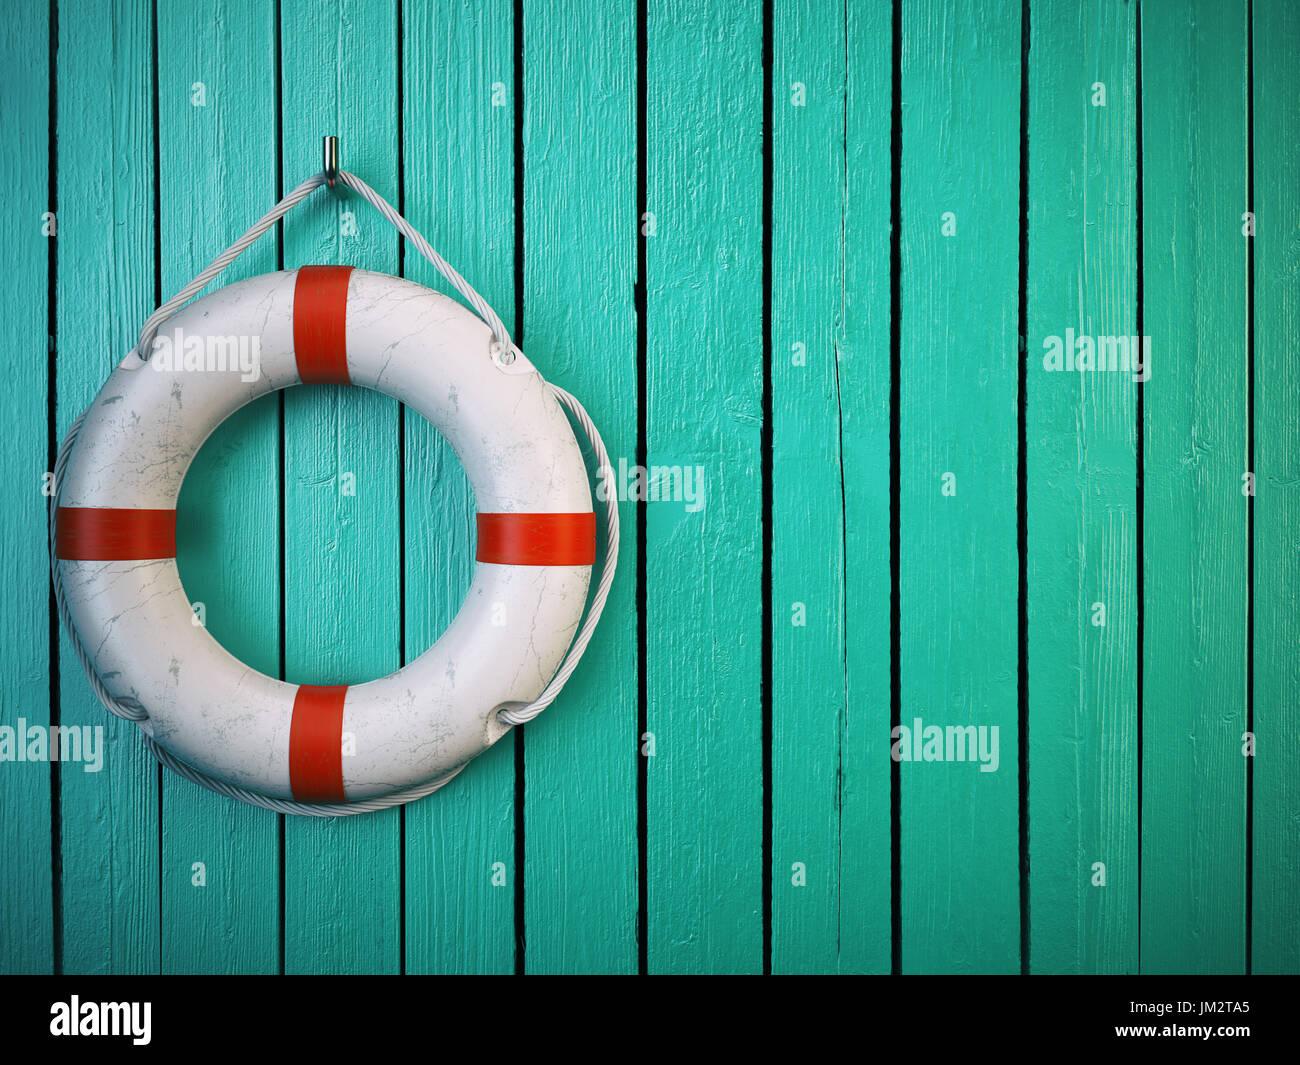 La vida cinturón o anillo de rescate en pared de madera. La salvación, la protección y el concepto de seguridad. Ilustración 3d Imagen De Stock